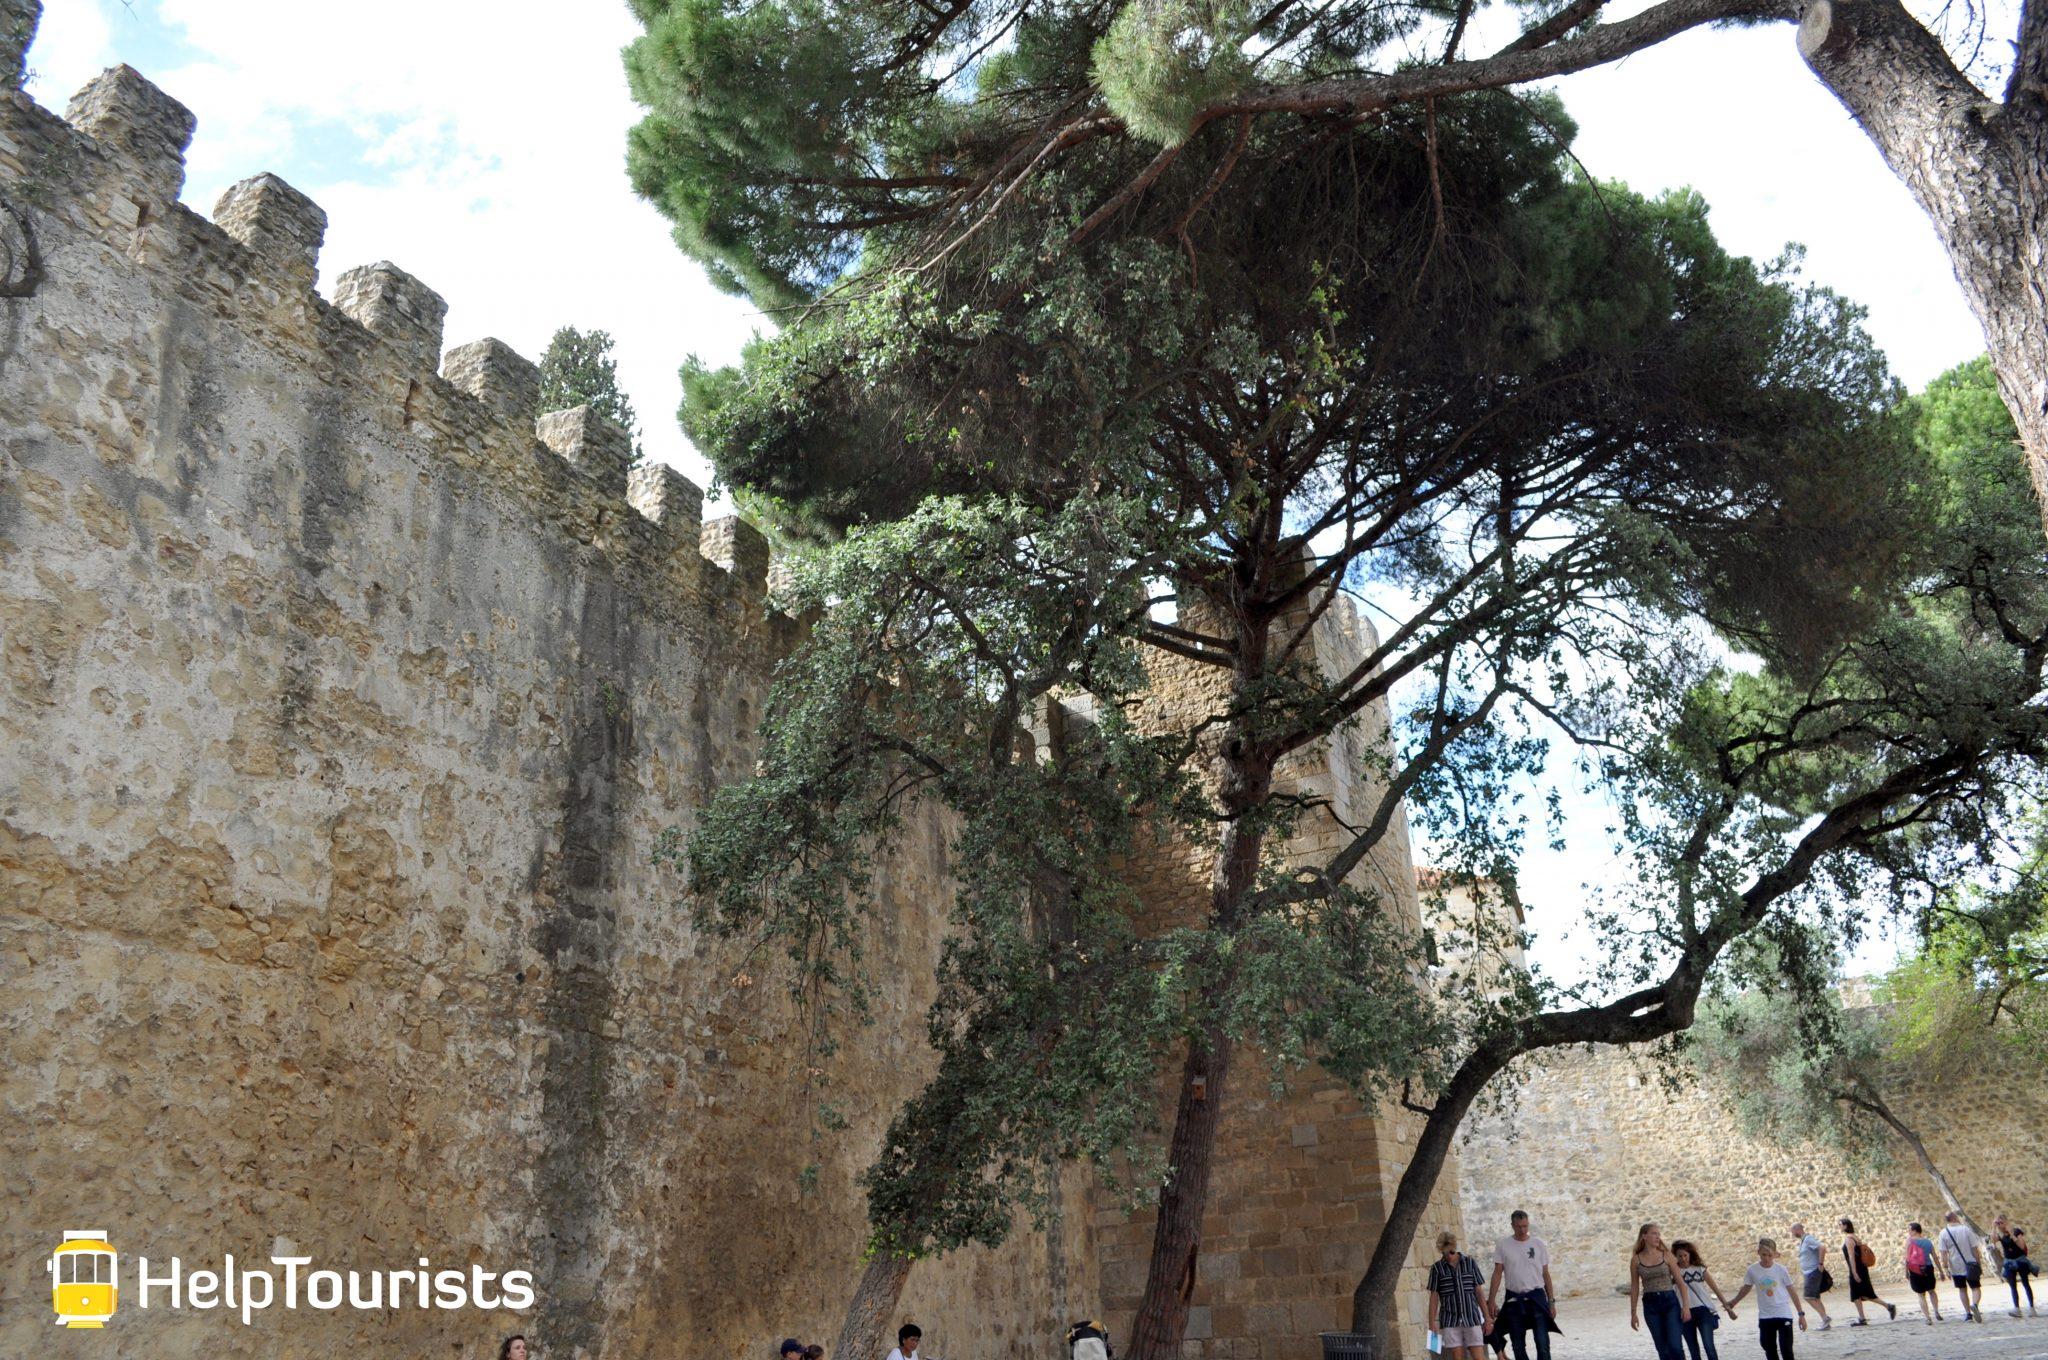 Lissabon Castelo de sao jorge garten